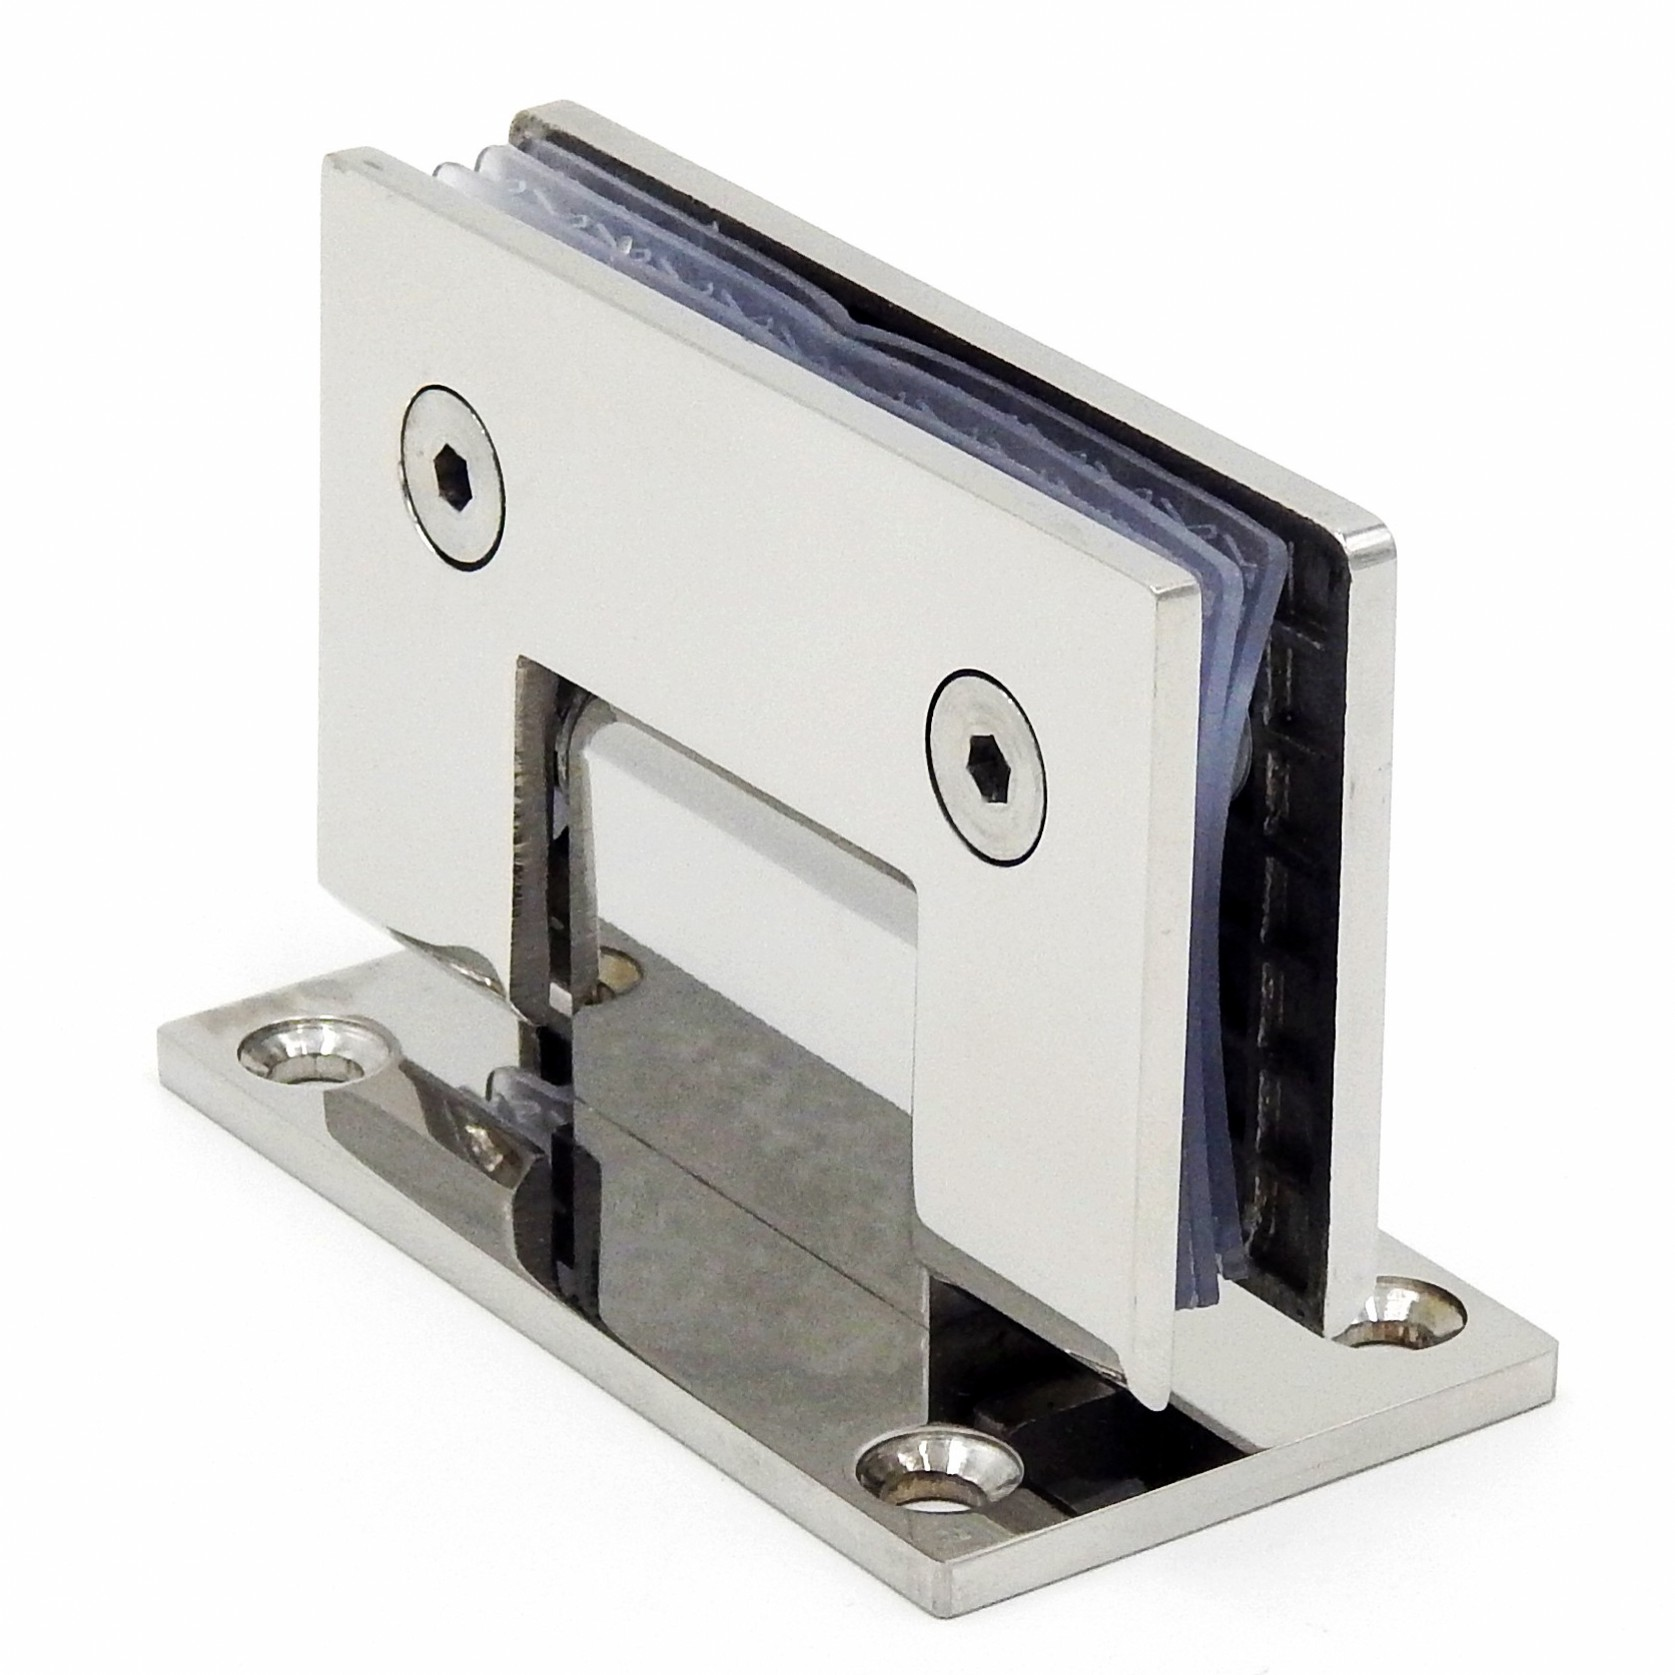 Bisagra de puerta de vidrio sin marco de acero inoxidable 90 grados de abrazadera de baño espejo Luz de baño Clip de vidrio plegable Paquete de correo